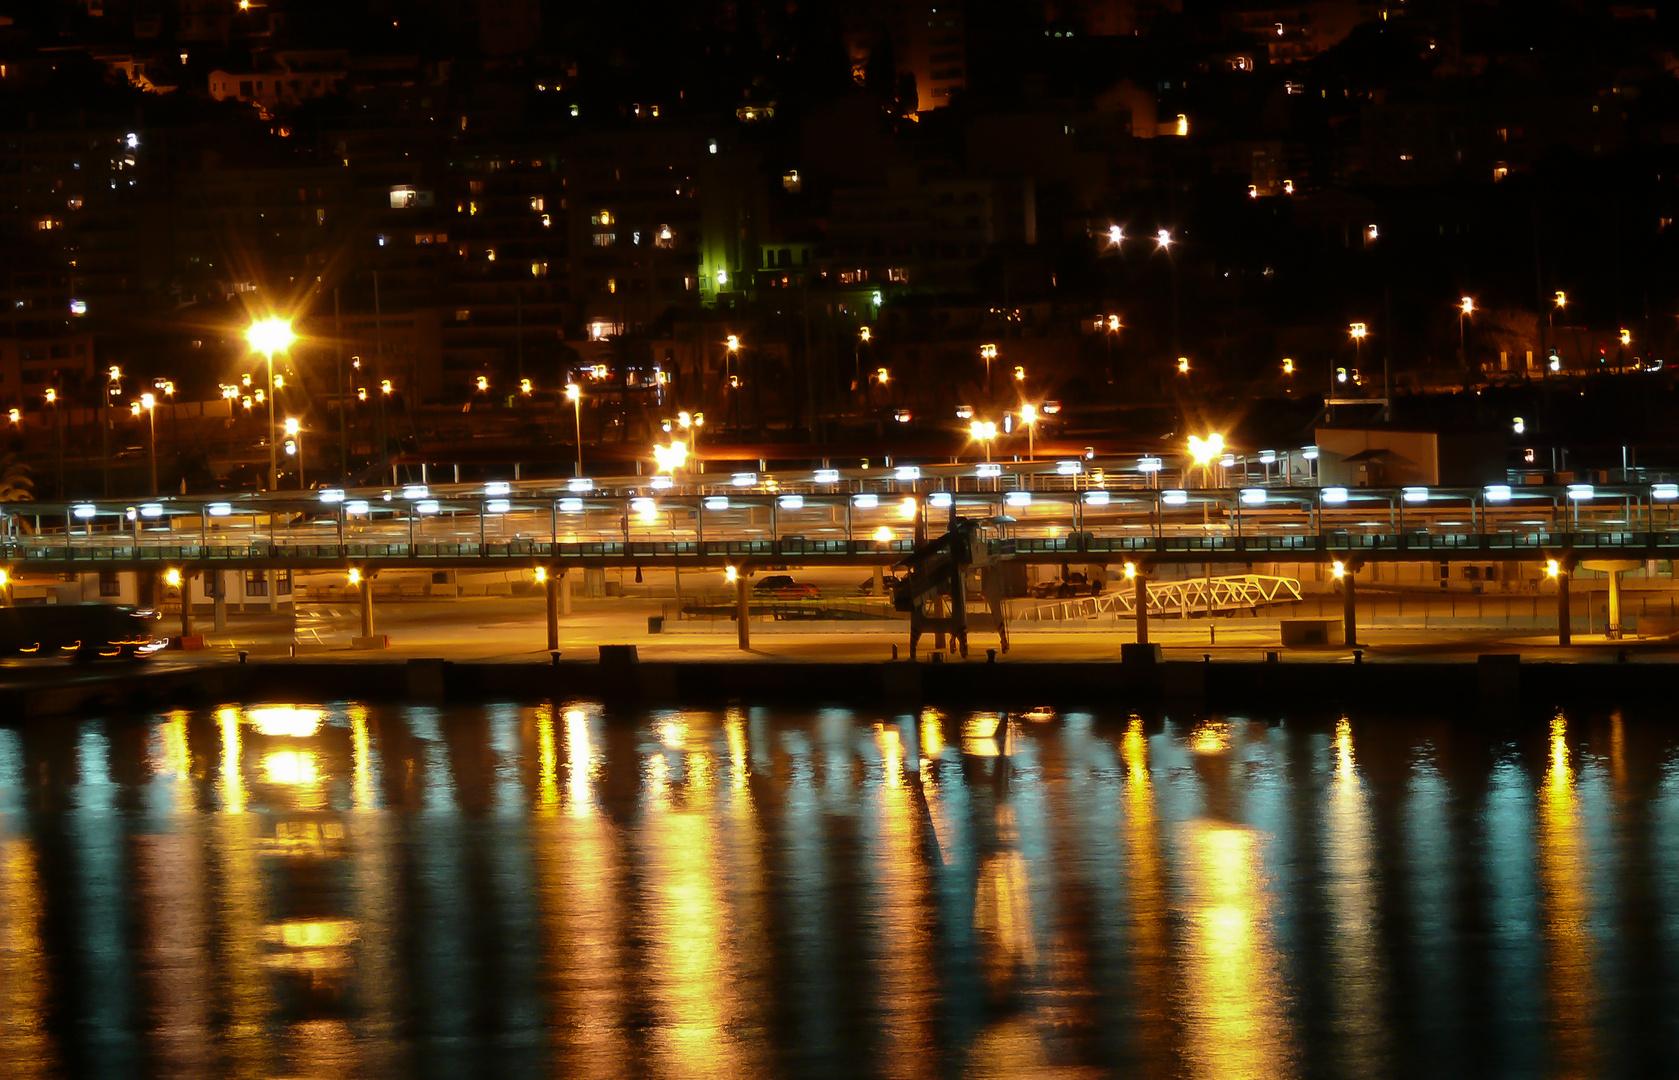 Palma Nachts vom Schiff aus